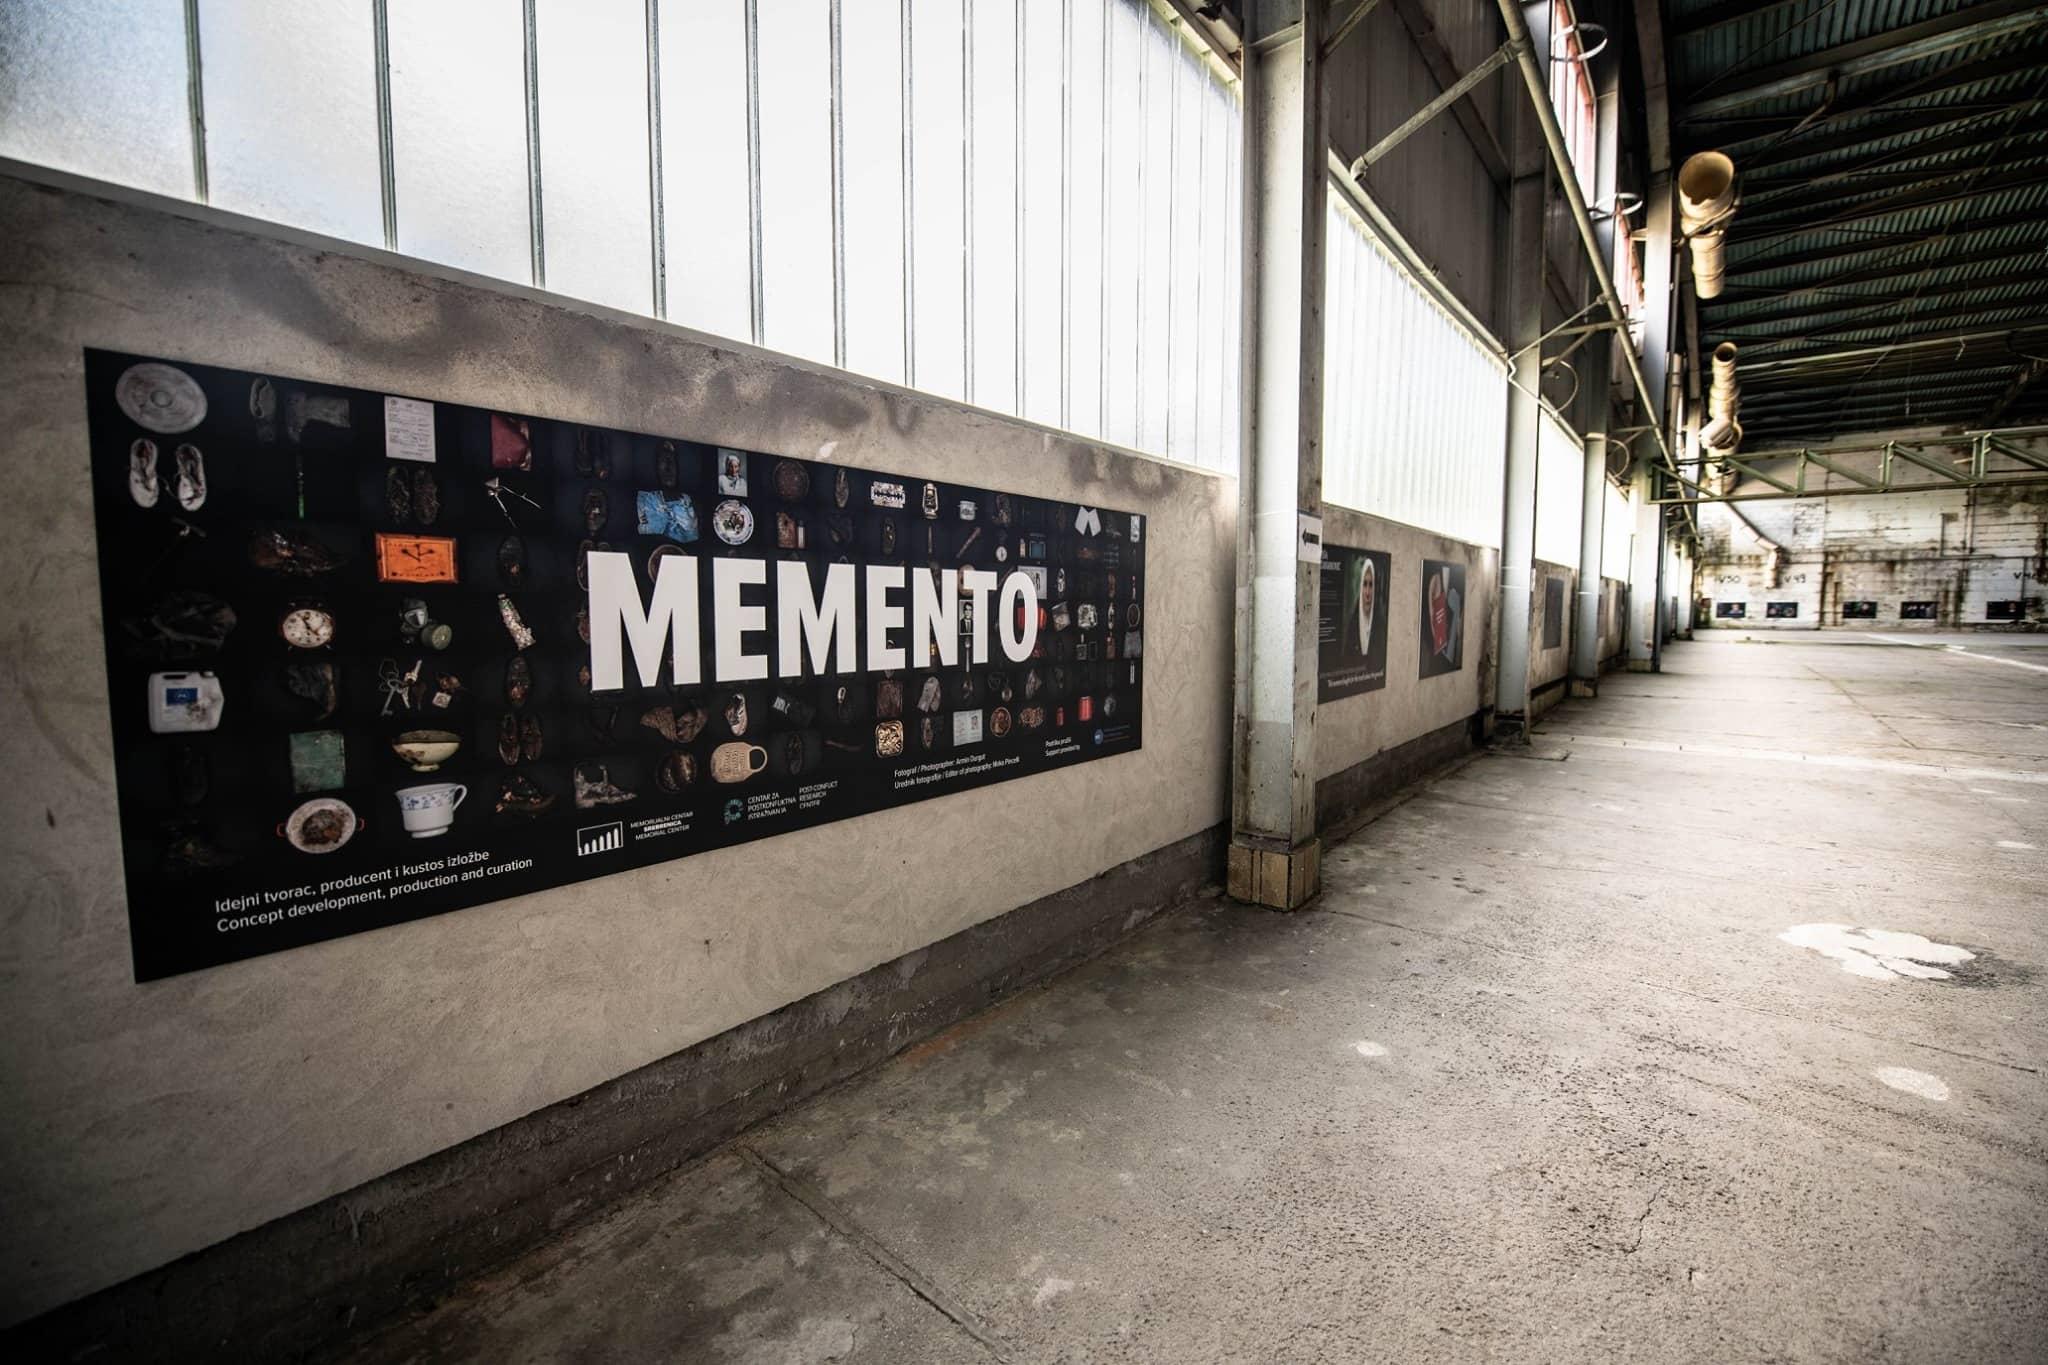 1622016527-memento-exhibits.jpg